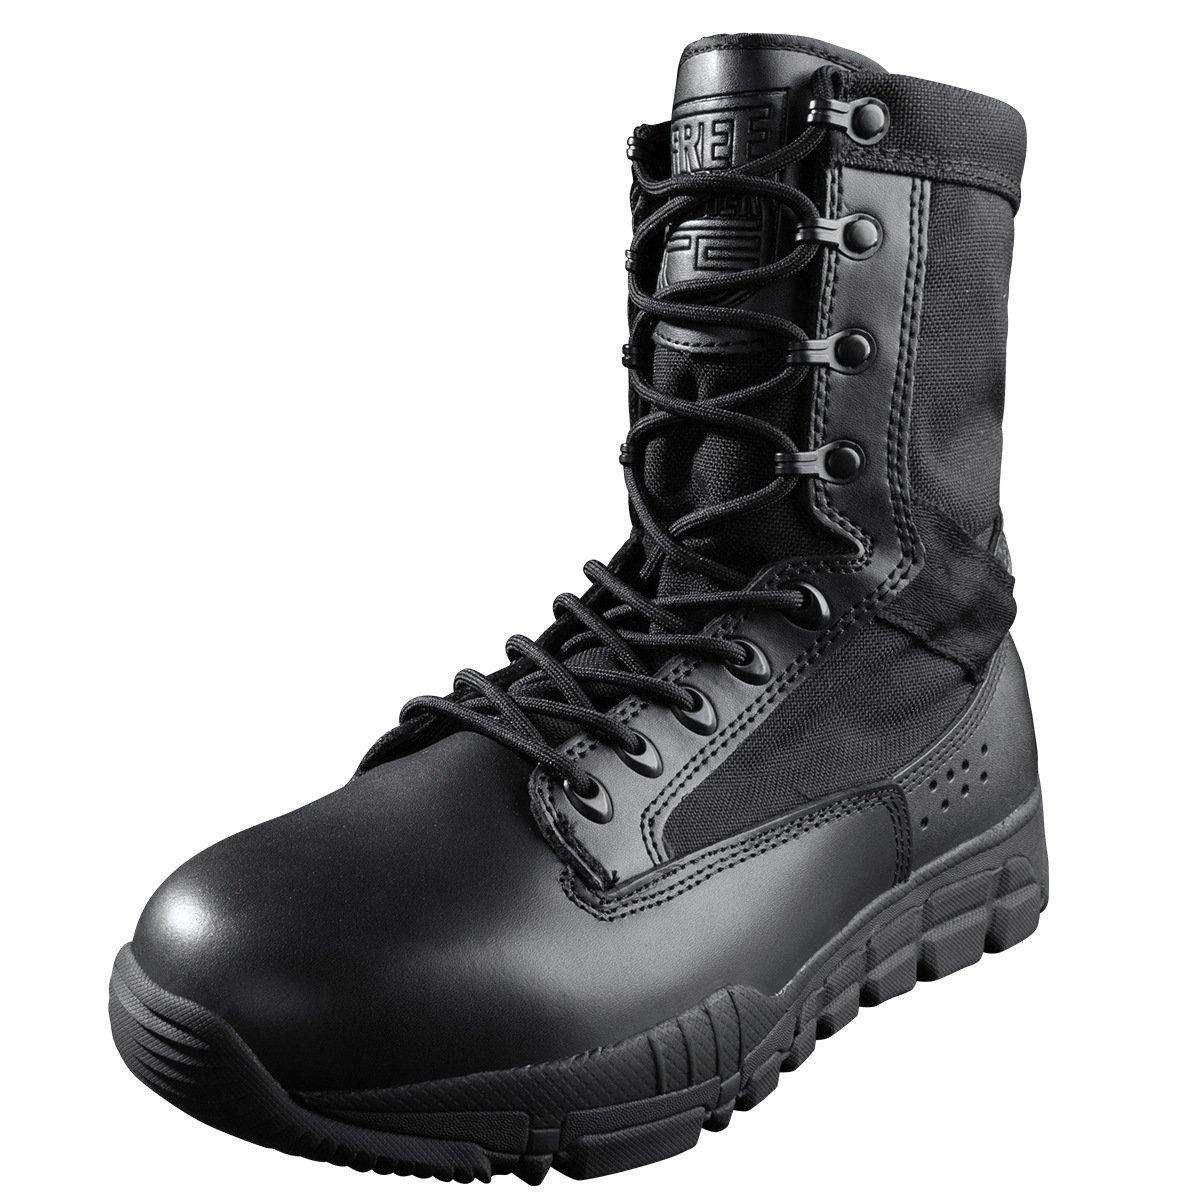 Free Soldier Mens Military Boots 8インチDeeply鋸歯状つま先とヒールバンパーデザートタンタクティカルブーツ B073CVP37W 12 D(M) US|ブラック ブラック 12 D(M) US